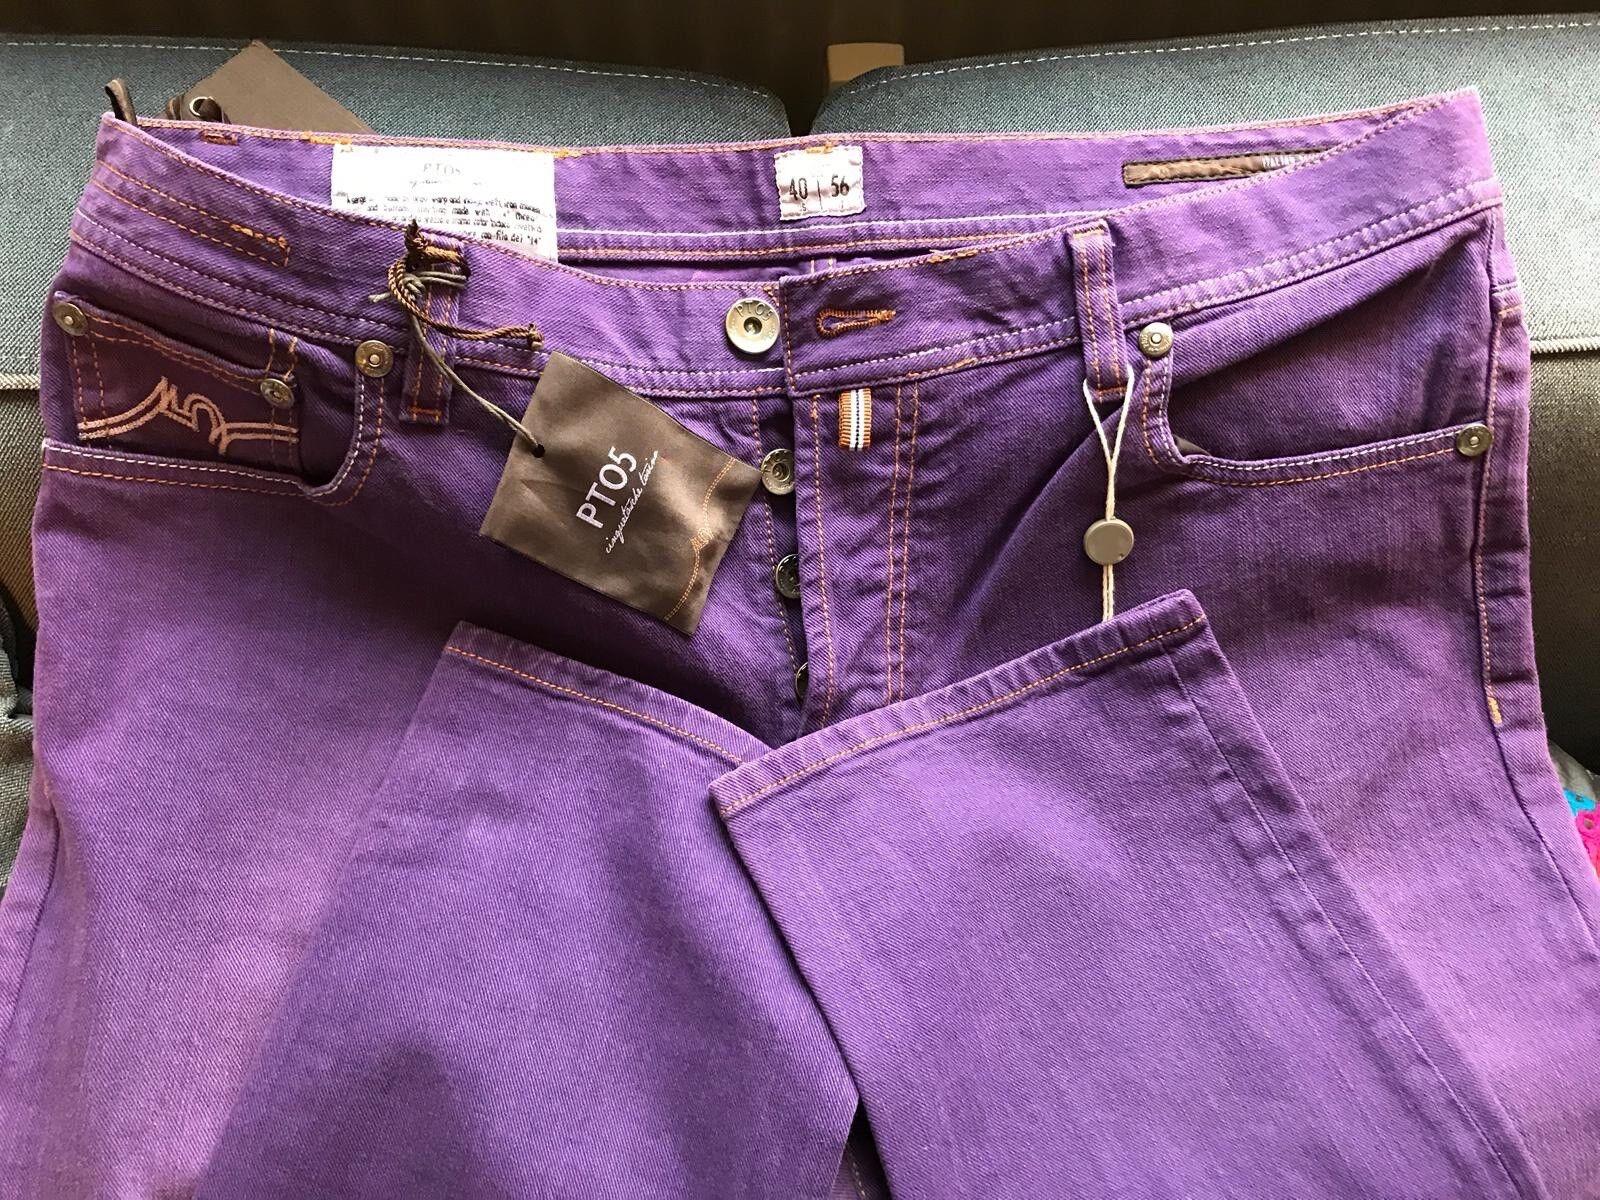 PT05 Jeans - Gr. 40 -  NEU und Original  | Ausgezeichneter Wert  | Zürich  | Die Qualität Und Die Verbraucher Zunächst